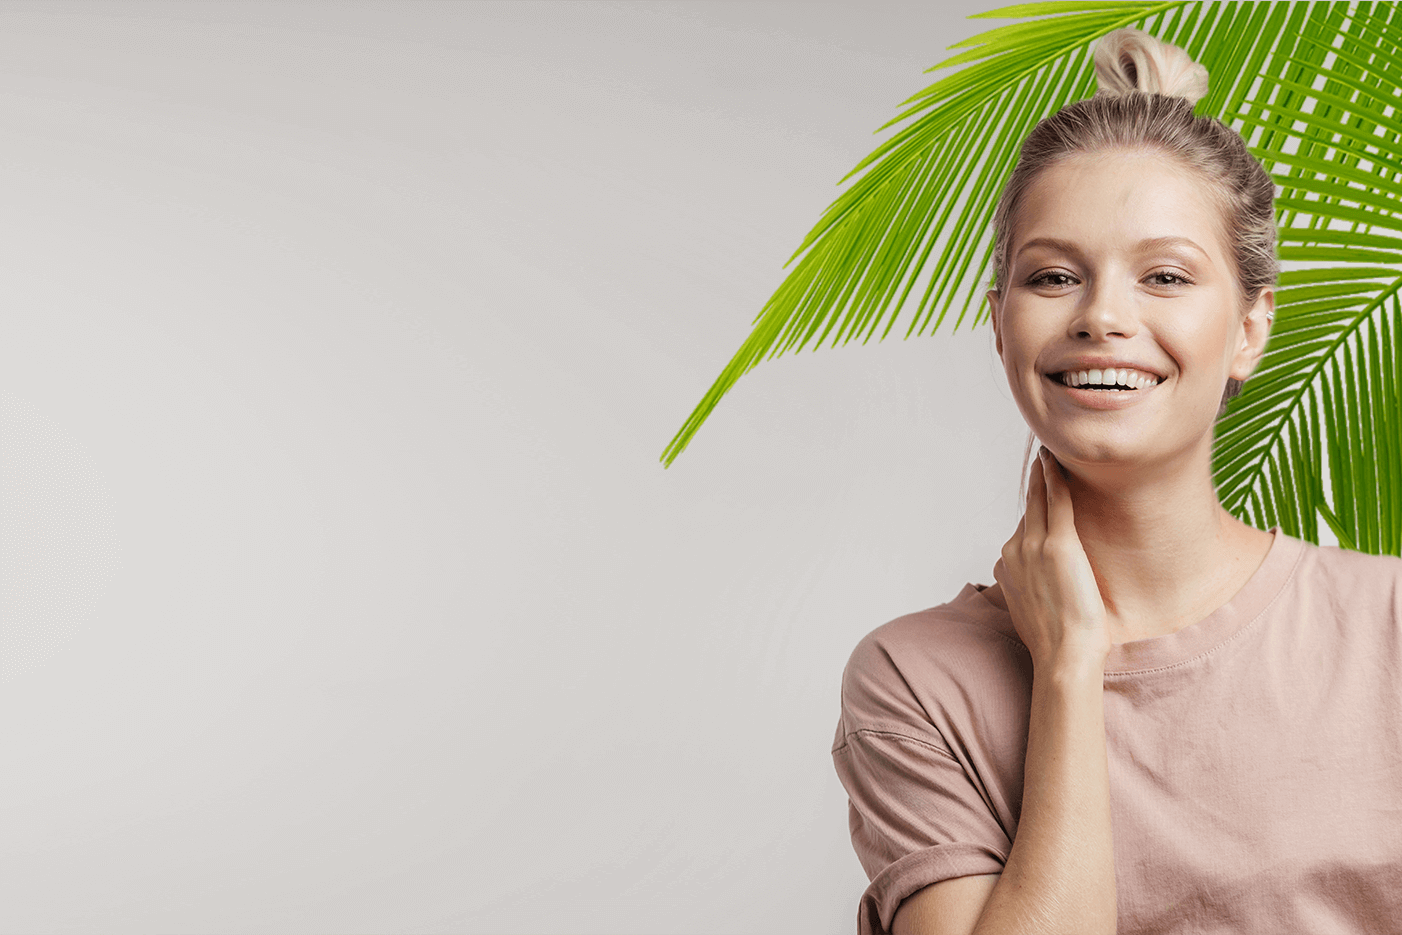 Coconut Black - dove si compra - farmacie - prezzo - Amazon - Aliexpress